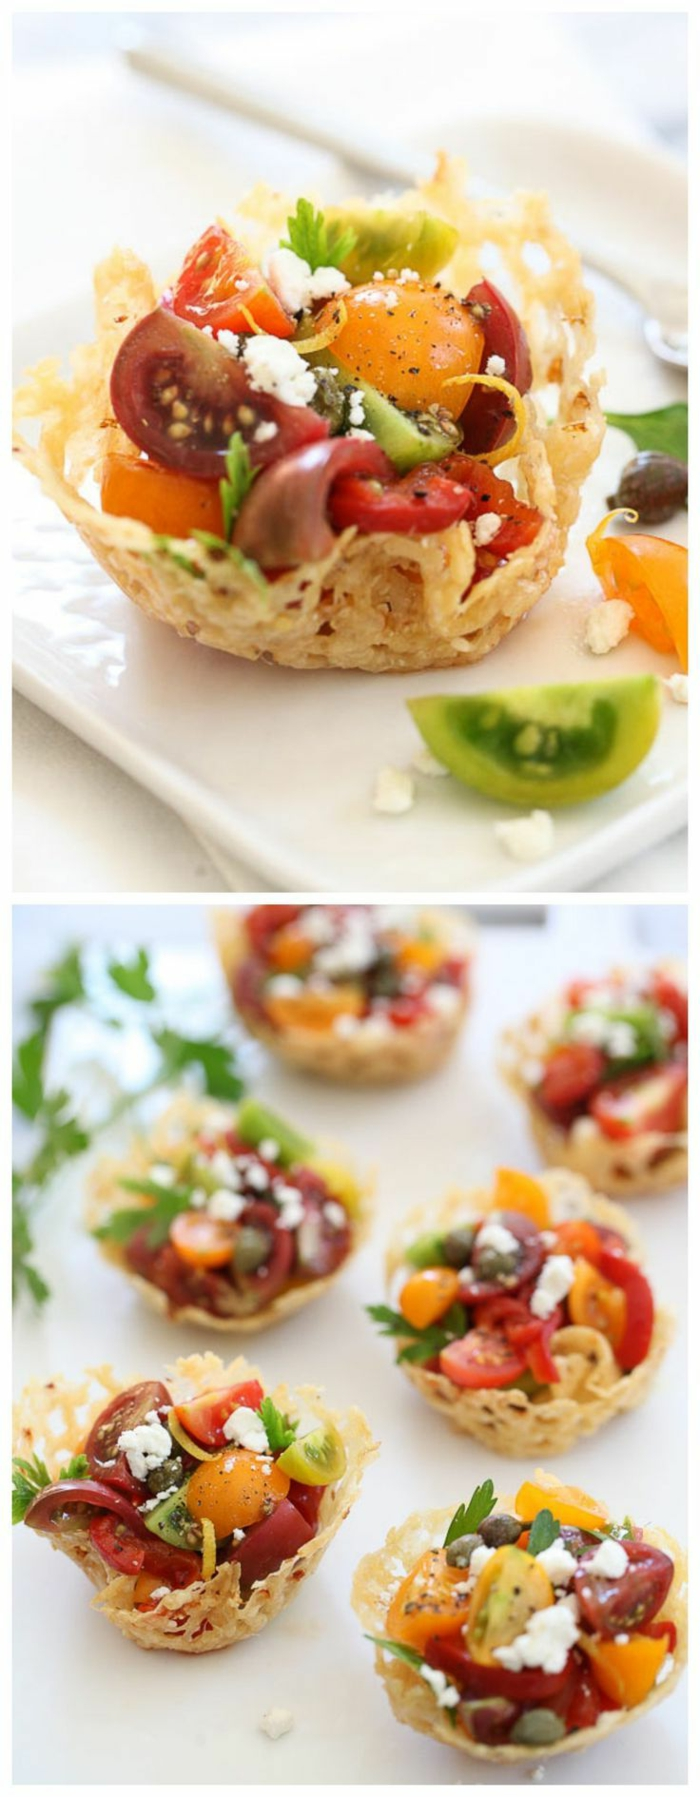 corbeilles de pâte farcies, tomates cerises, fromage émietté, patate douce, recette apero dinatoire